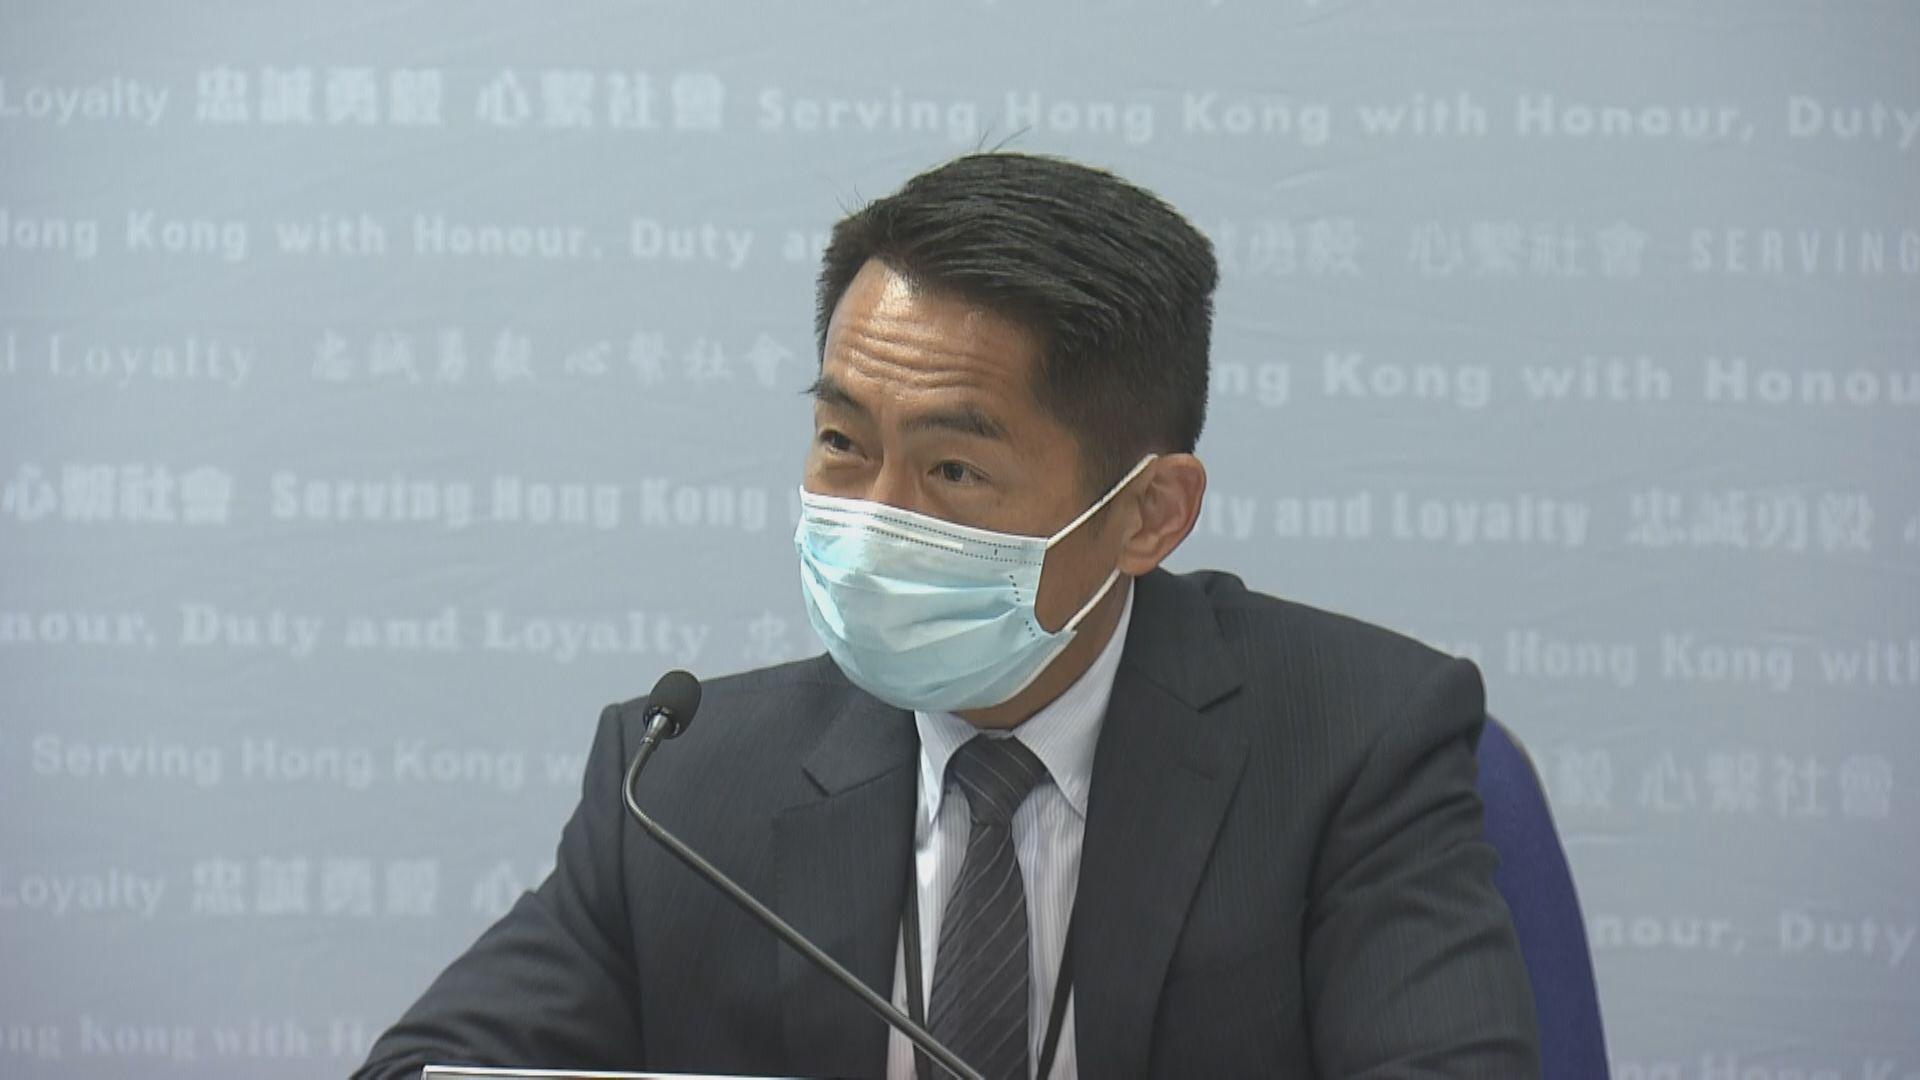 警拘15人涉操控壹傳媒股價 一人有黑社會背景